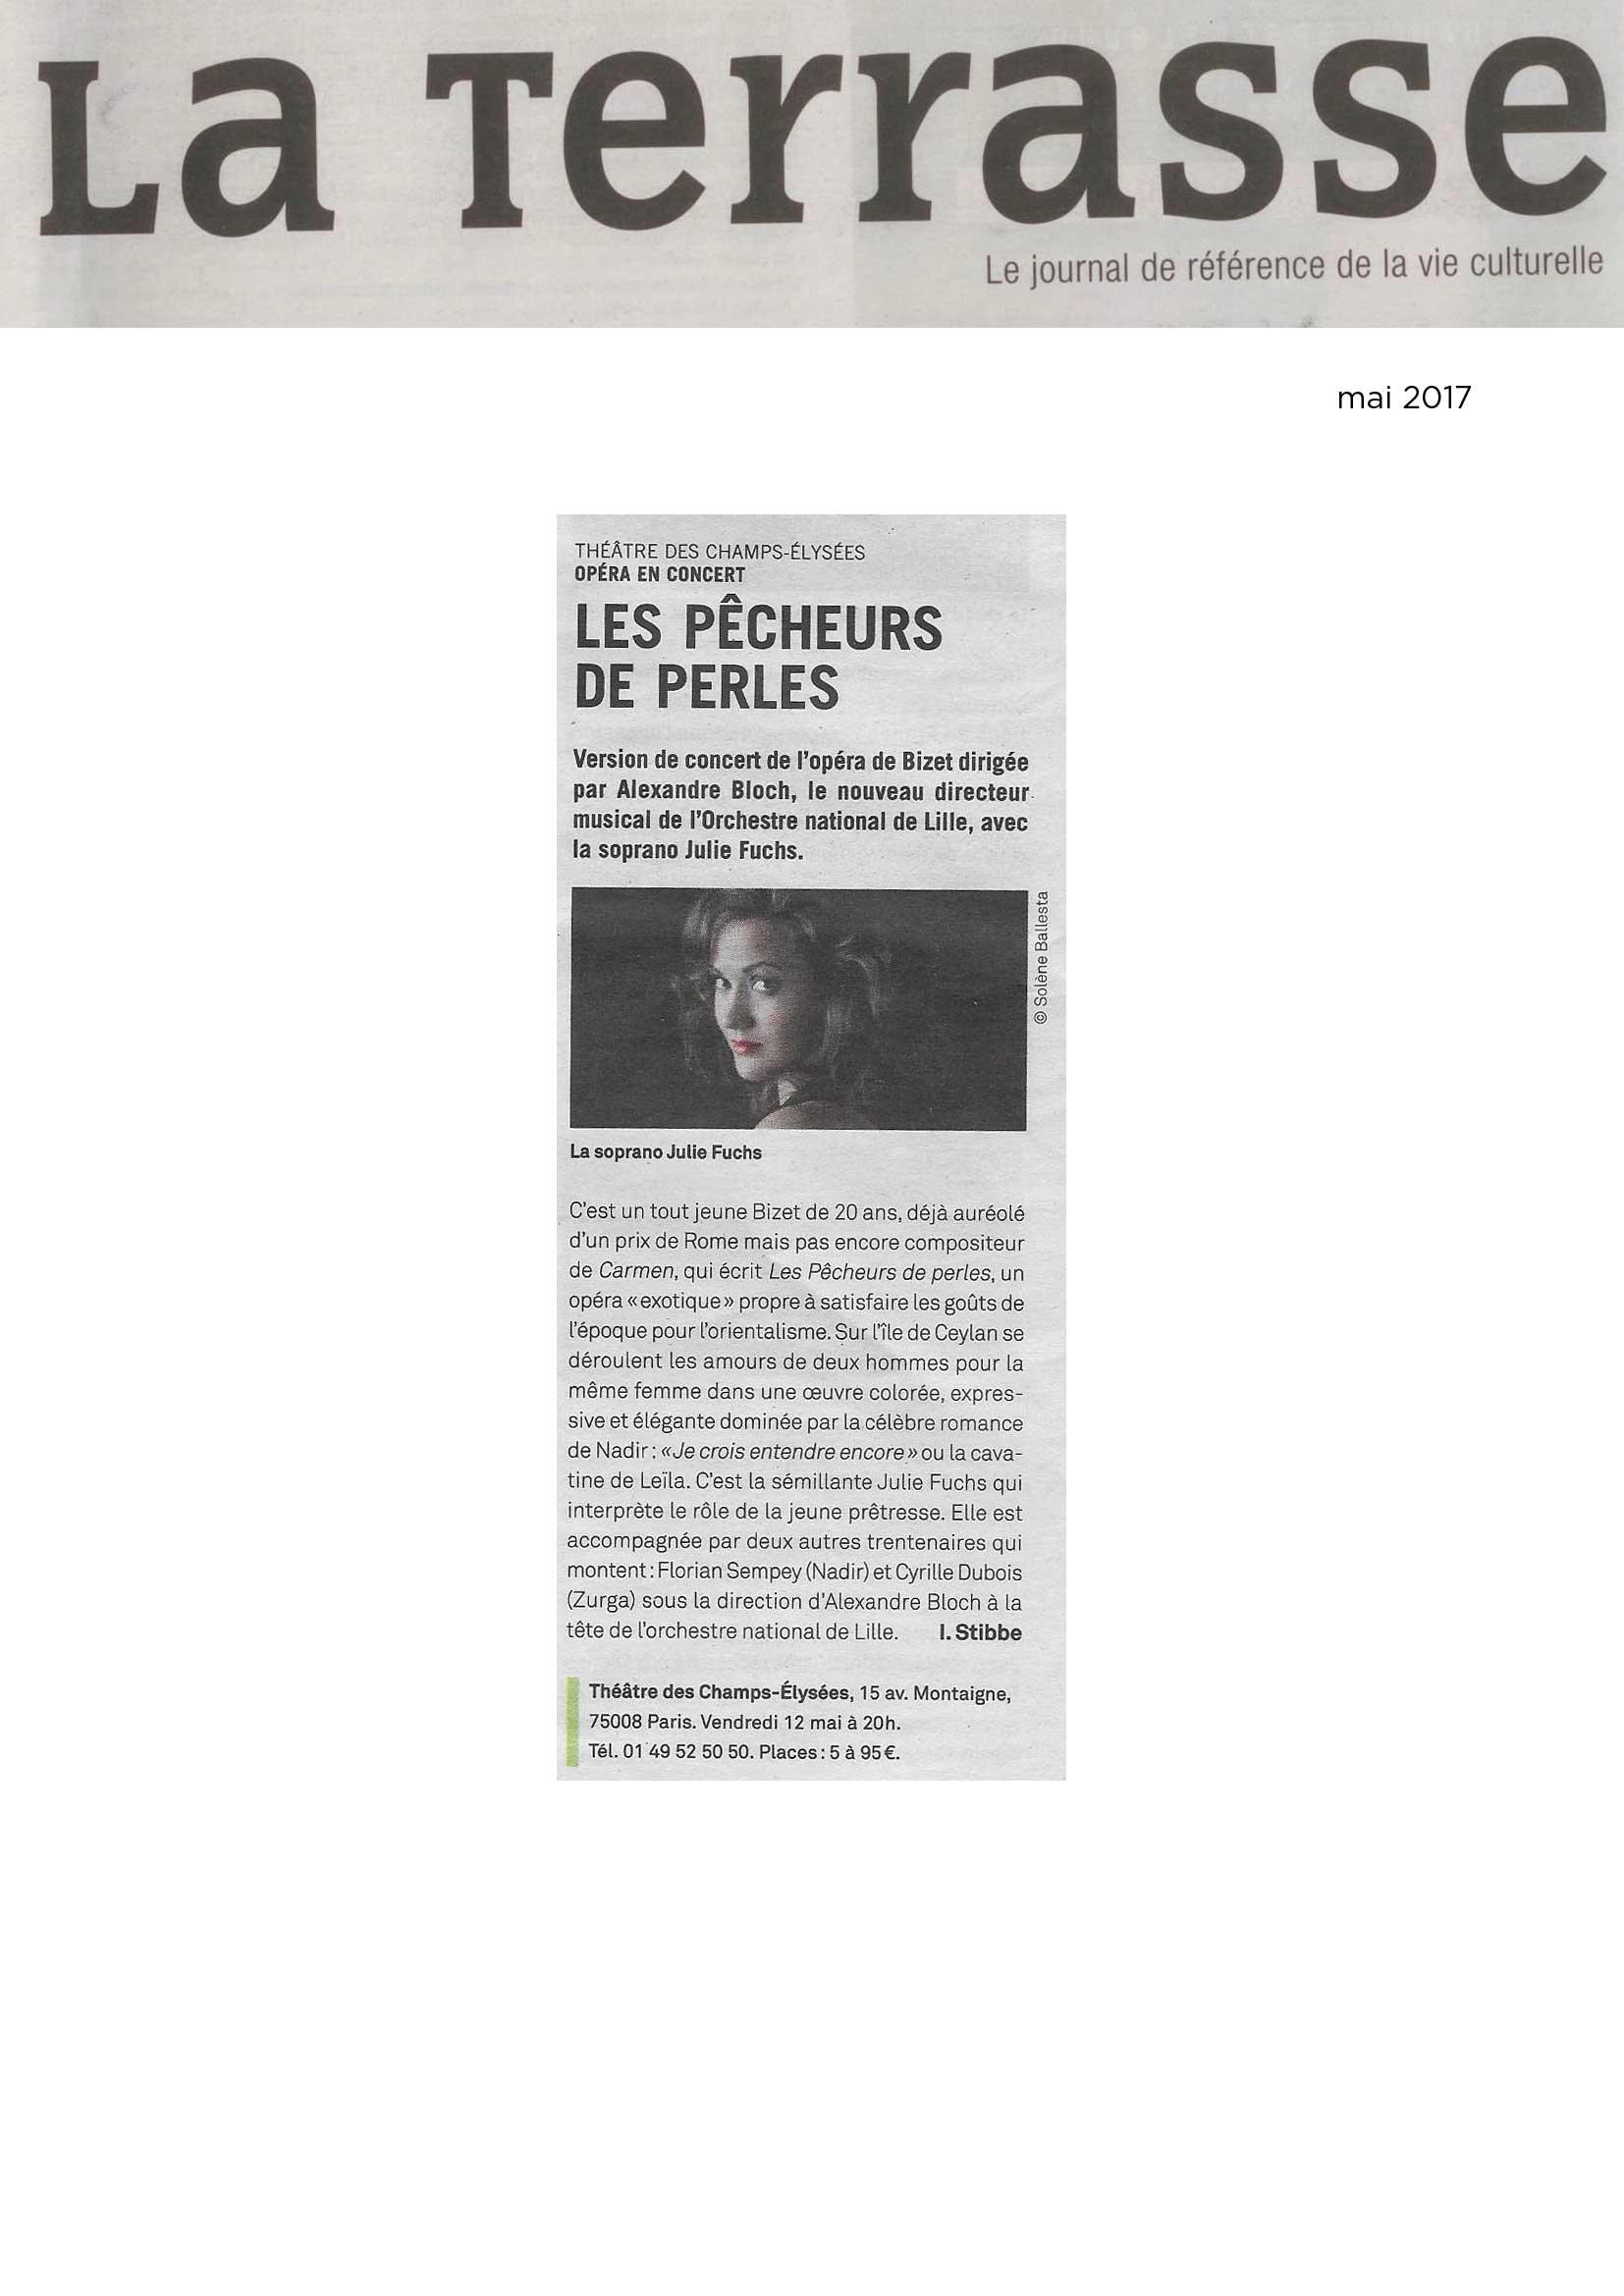 Annonce de la version de concert des Pêcheurs de perles dans le numéro de mai 2017 de La Terrasse